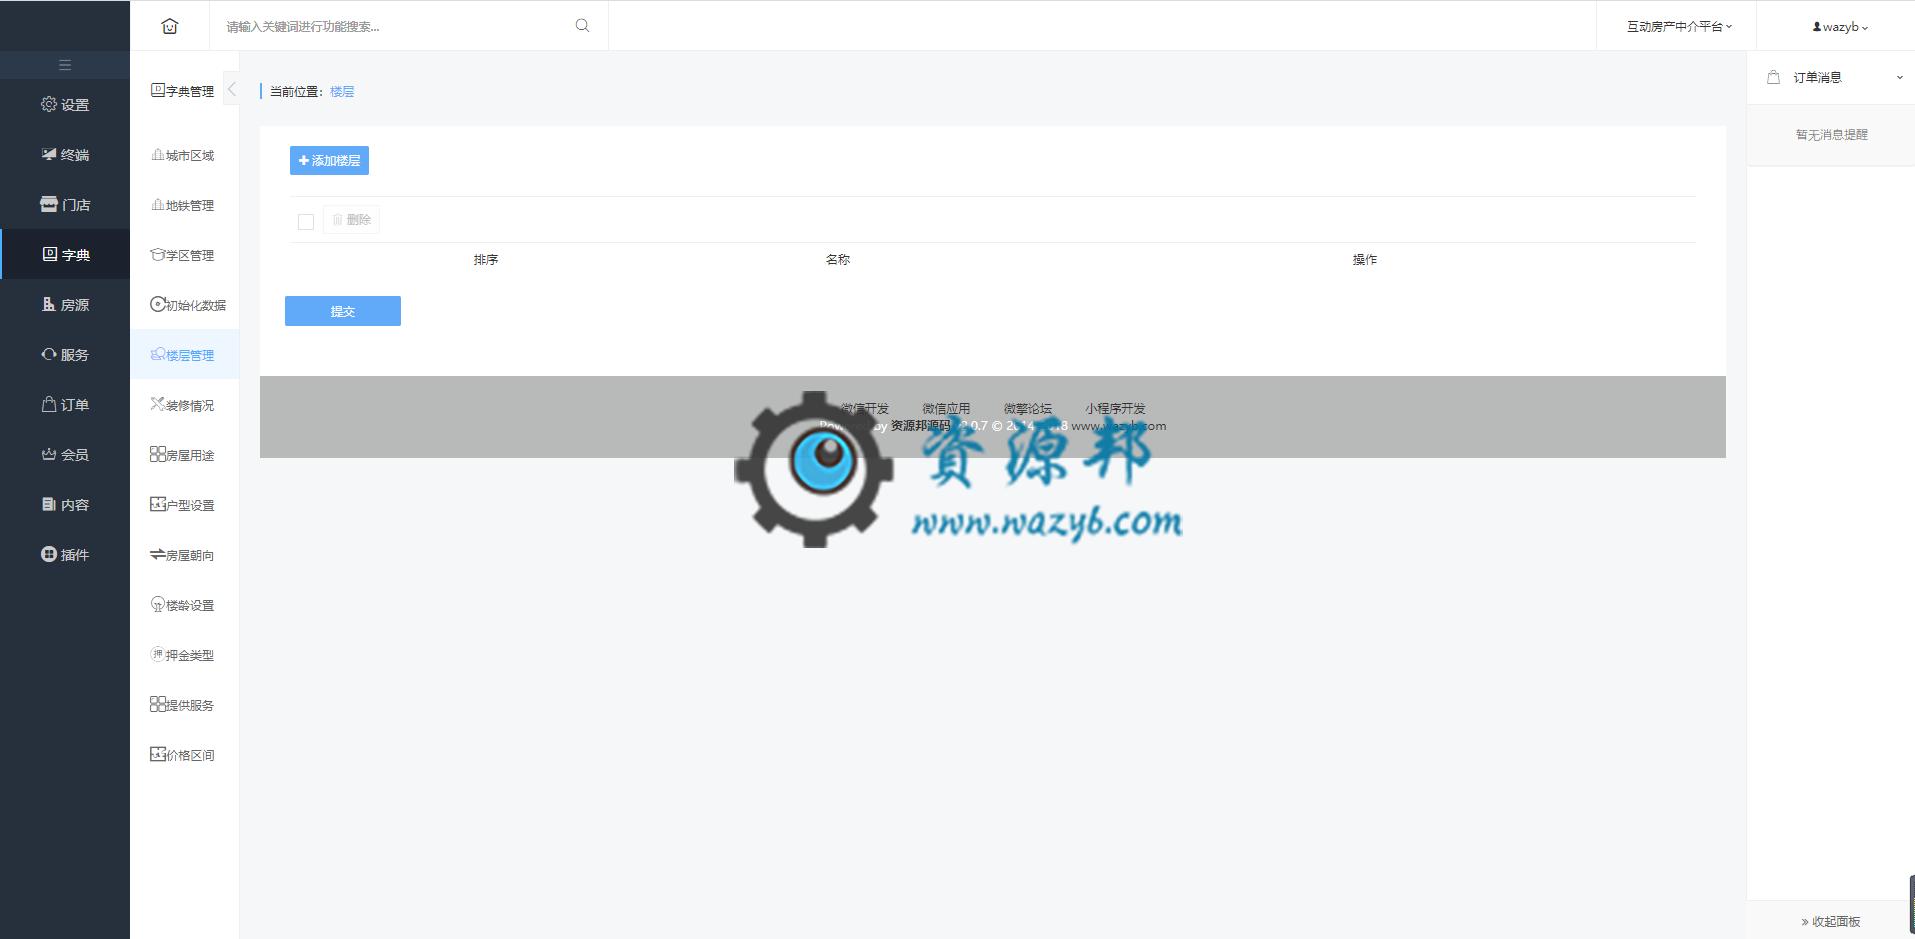 【永久会员专享】互动房产中介平台小程序源码包更新【更新至V5.3.7】 第4张